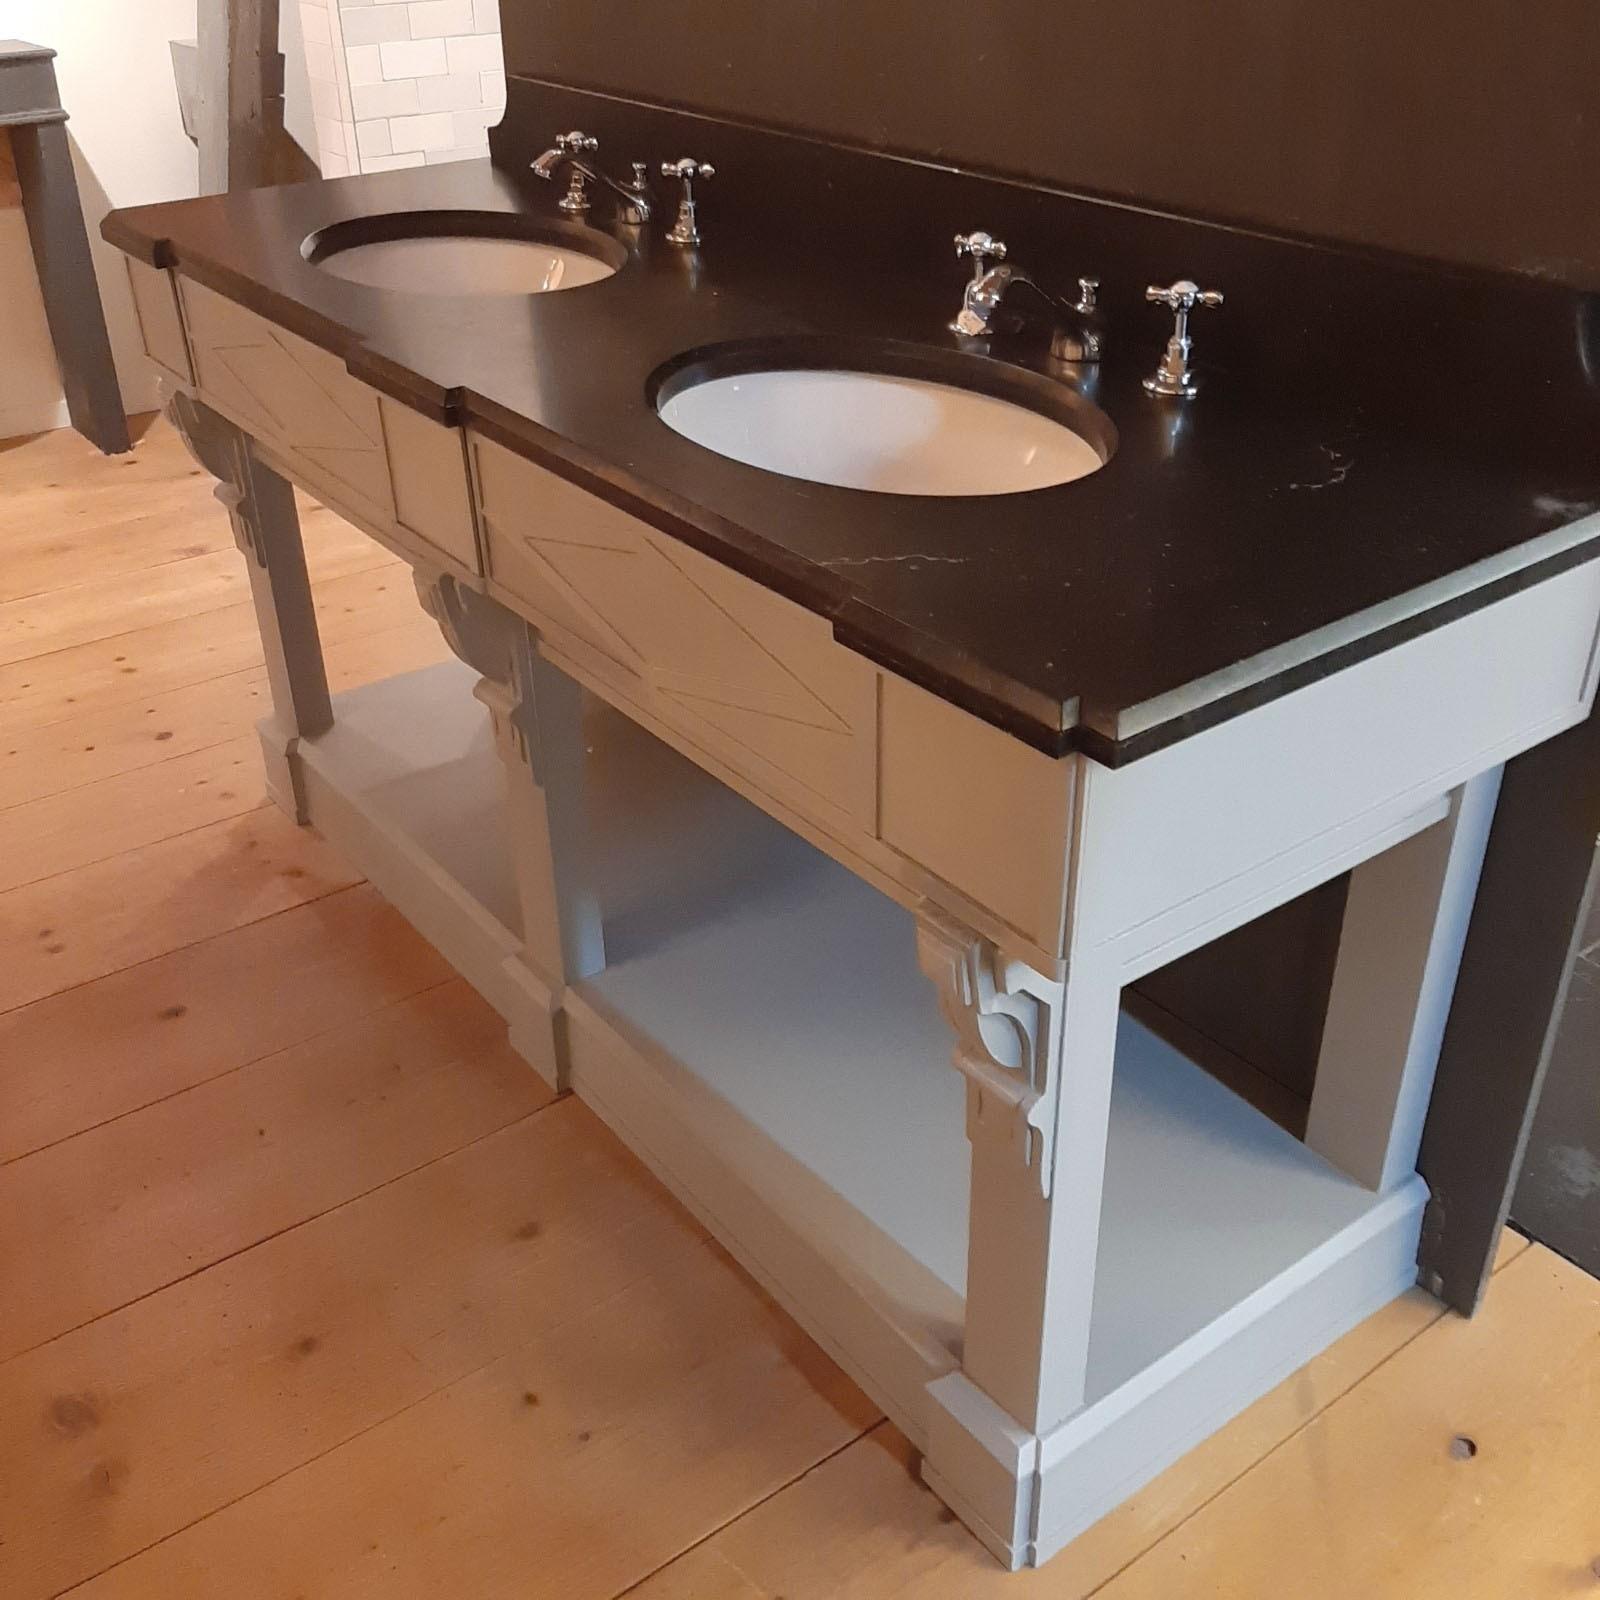 Doppelwaschtischmöbel mit belgischer Hartsteinplatte